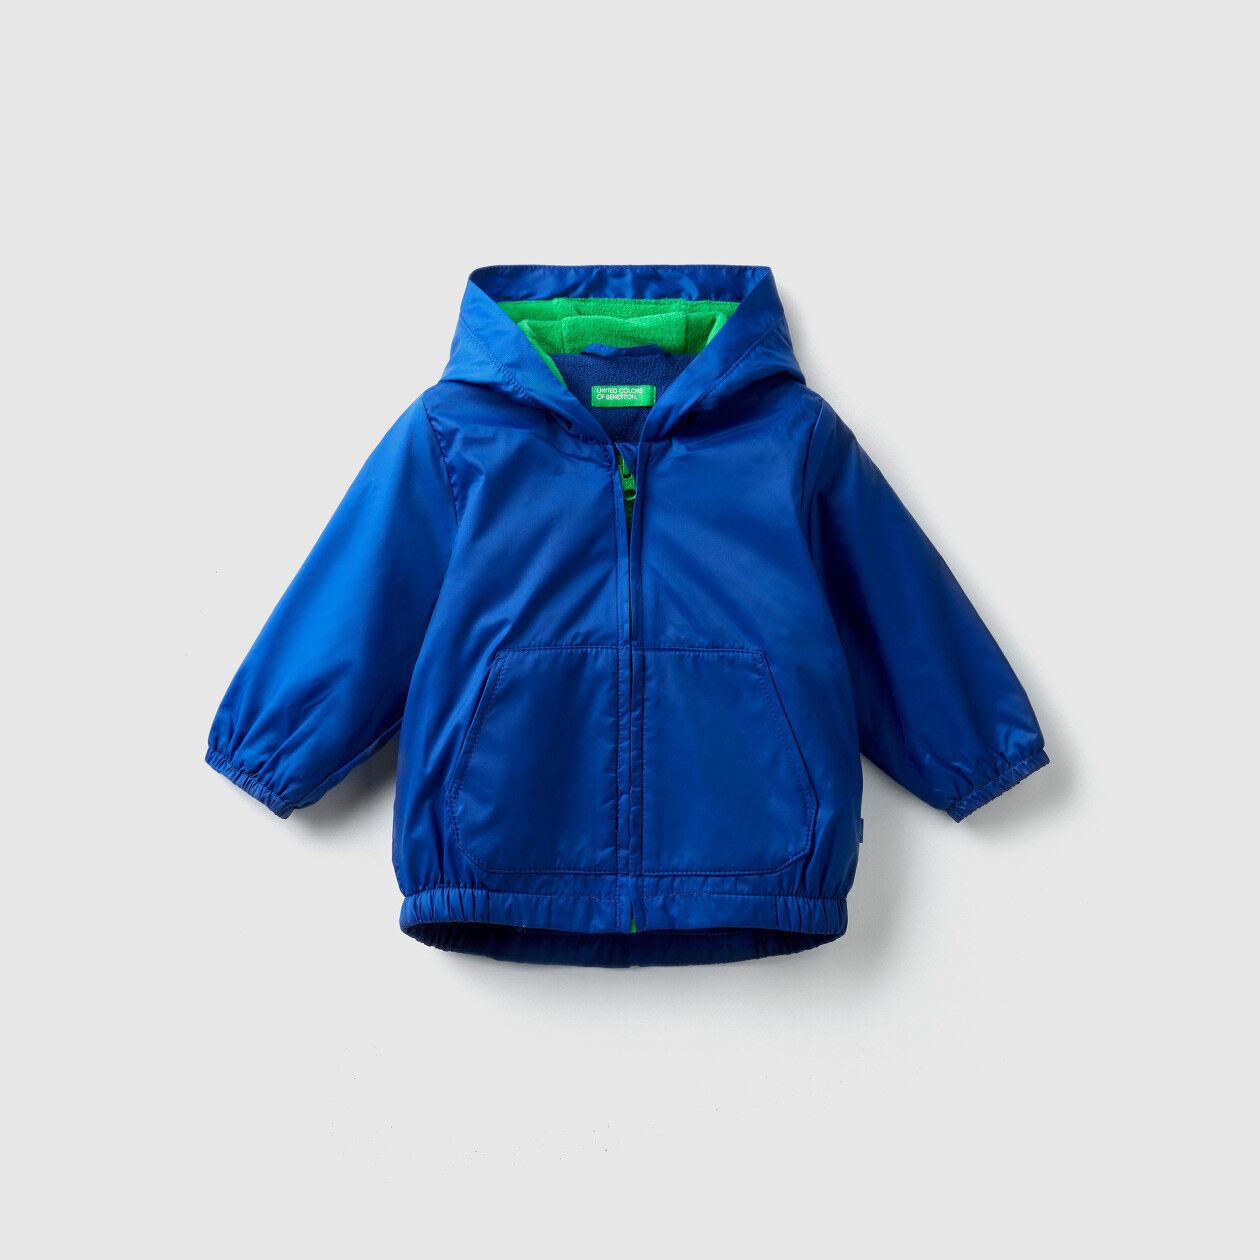 Jacke aus Nylon